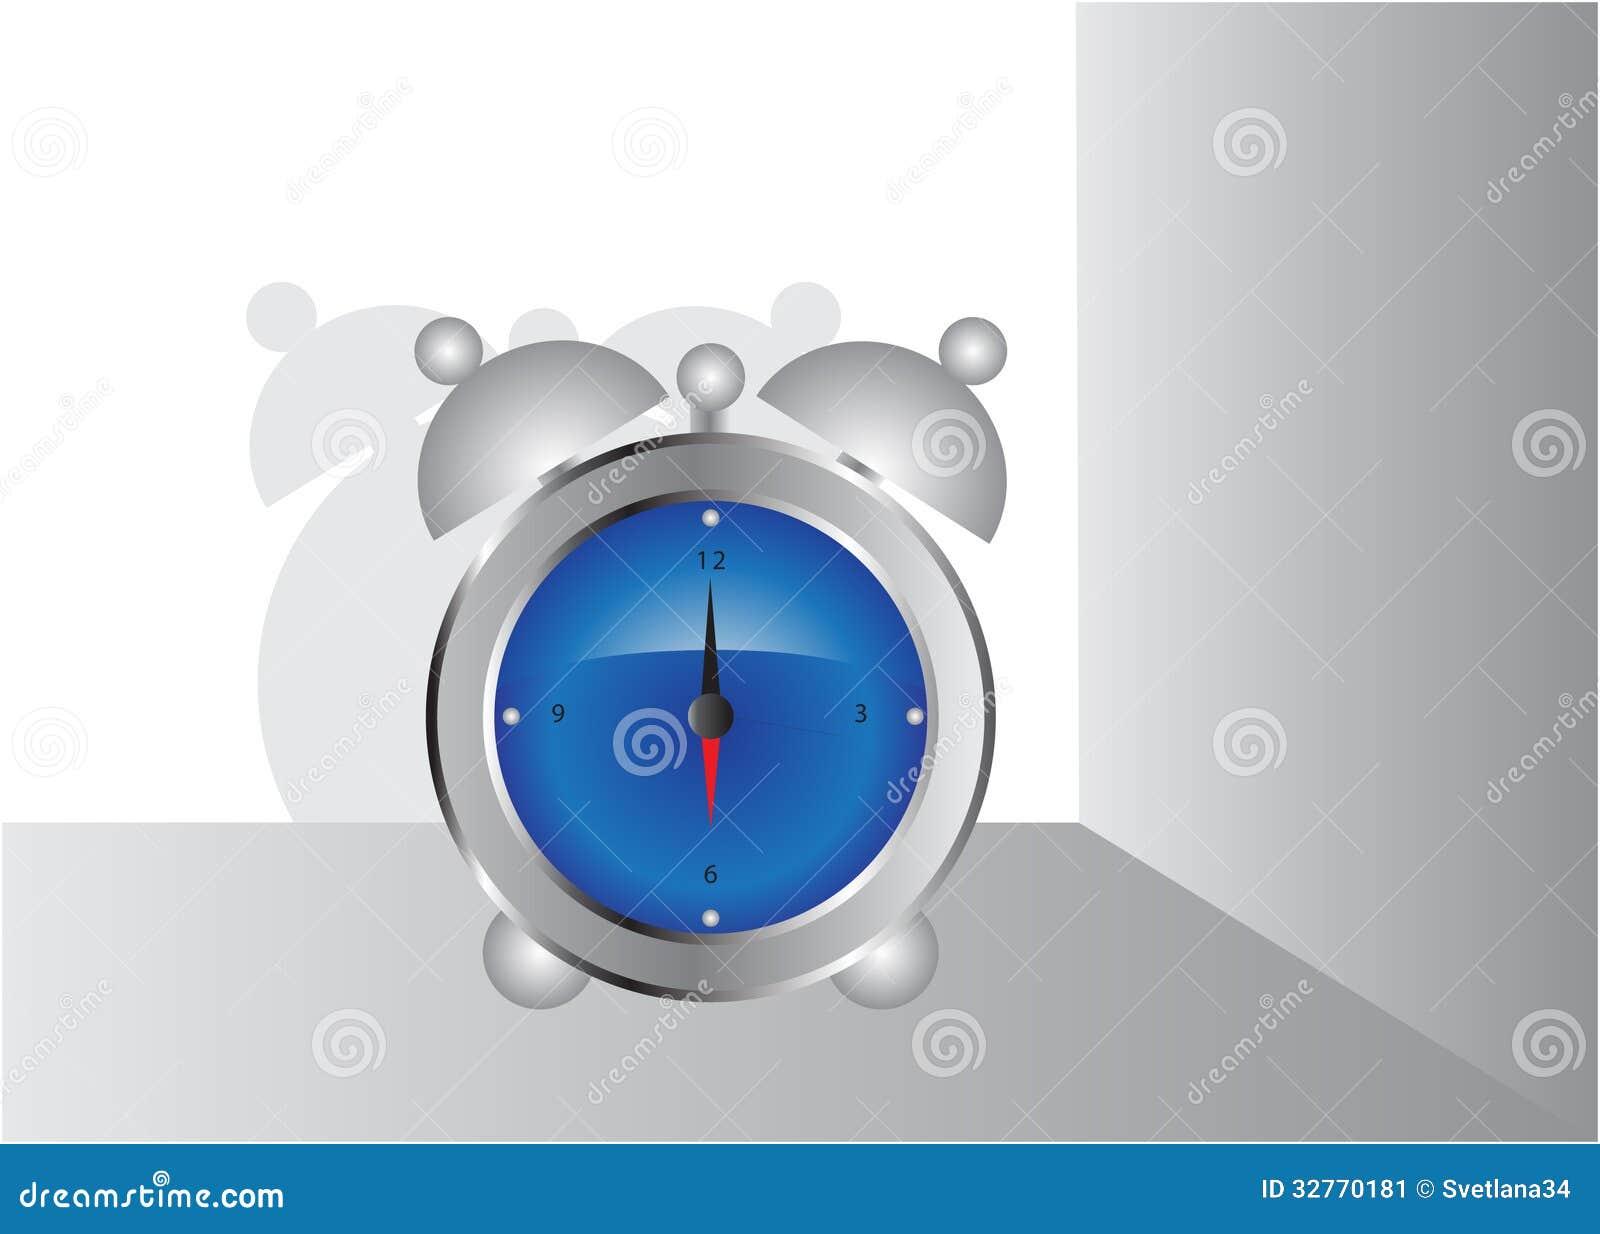 Haushaltsartikel wecker vektor abbildung illustration for Design haushaltsartikel